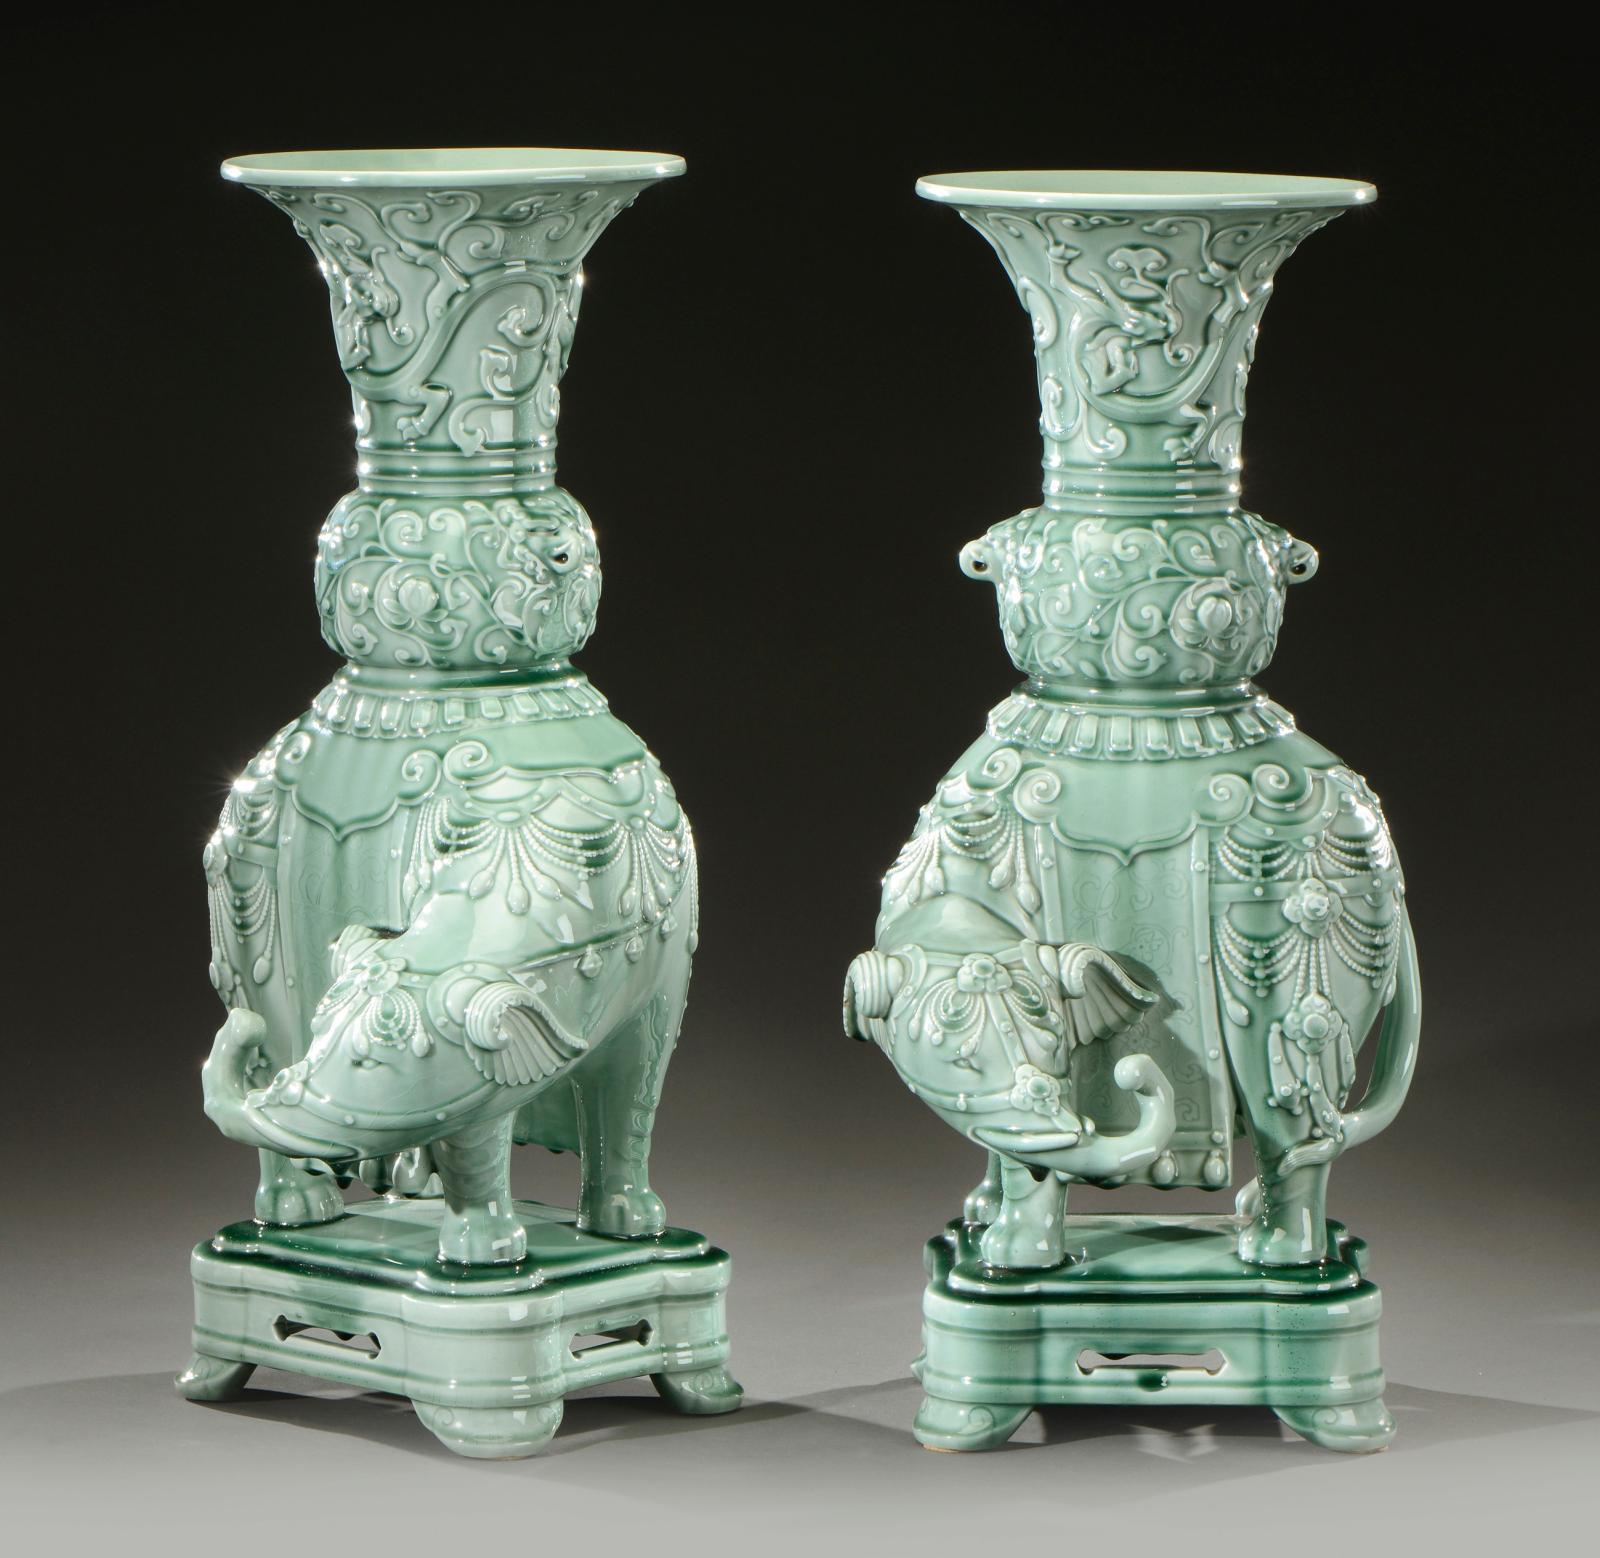 Théodore Deck, paire de vases en céramique émaillée vert céladon sur des éléphants, à un décor en léger relief de motifs floraux, d'éléphants et de dr